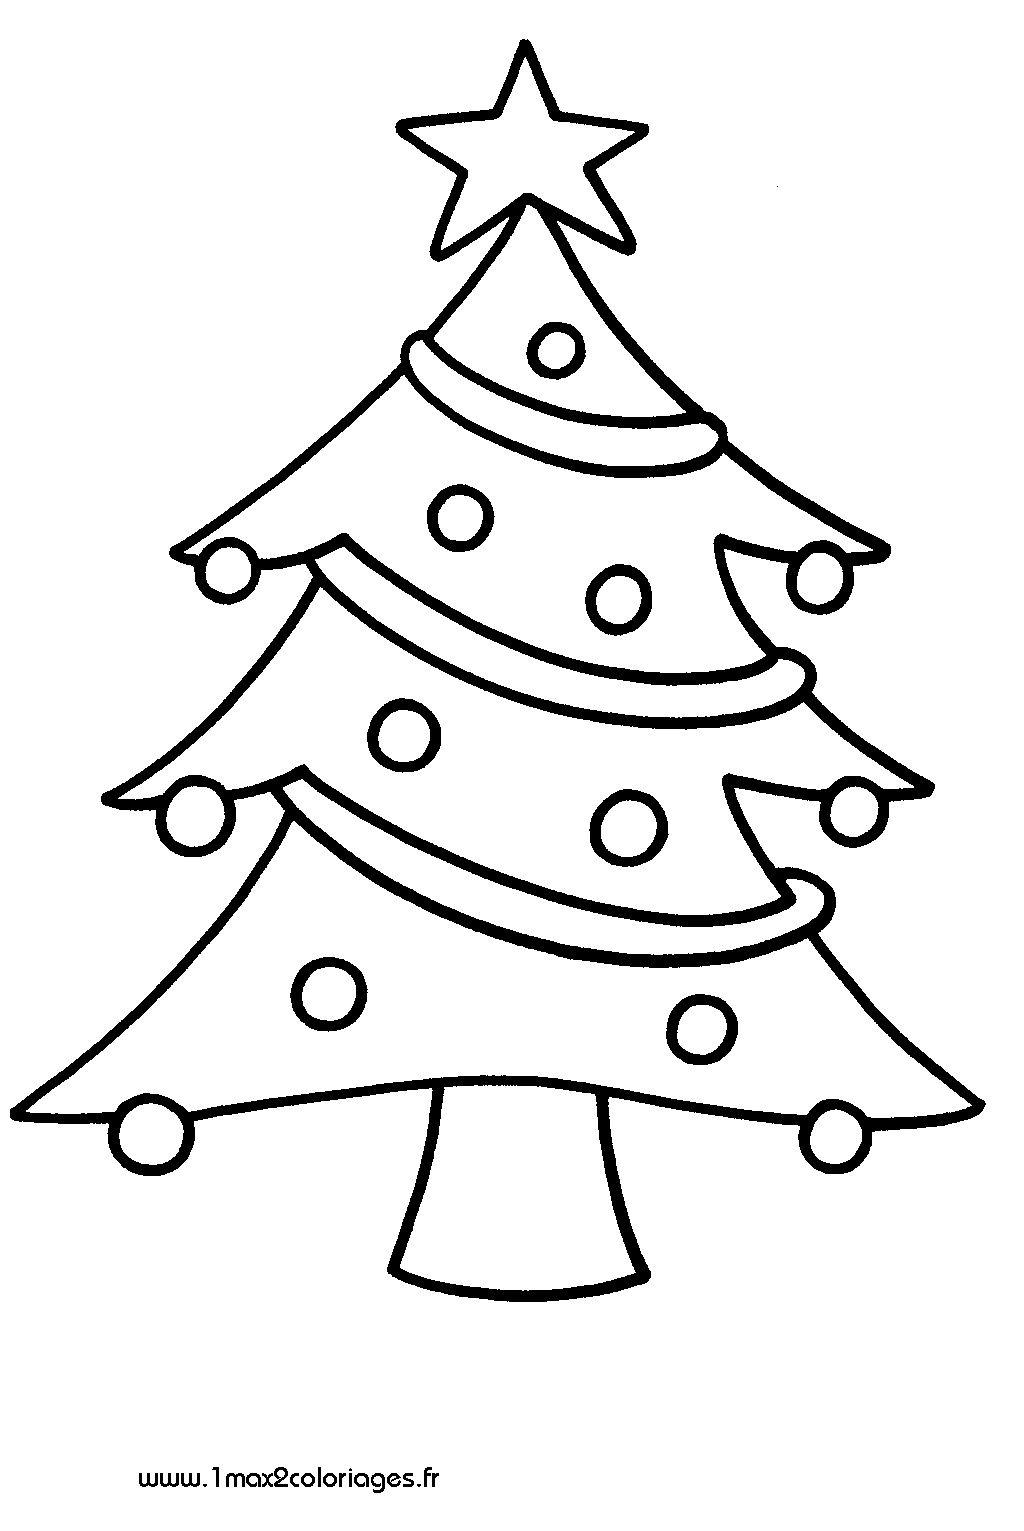 Coloriage Sapin De Noel à colorier   Dessin à imprimer | Christmas